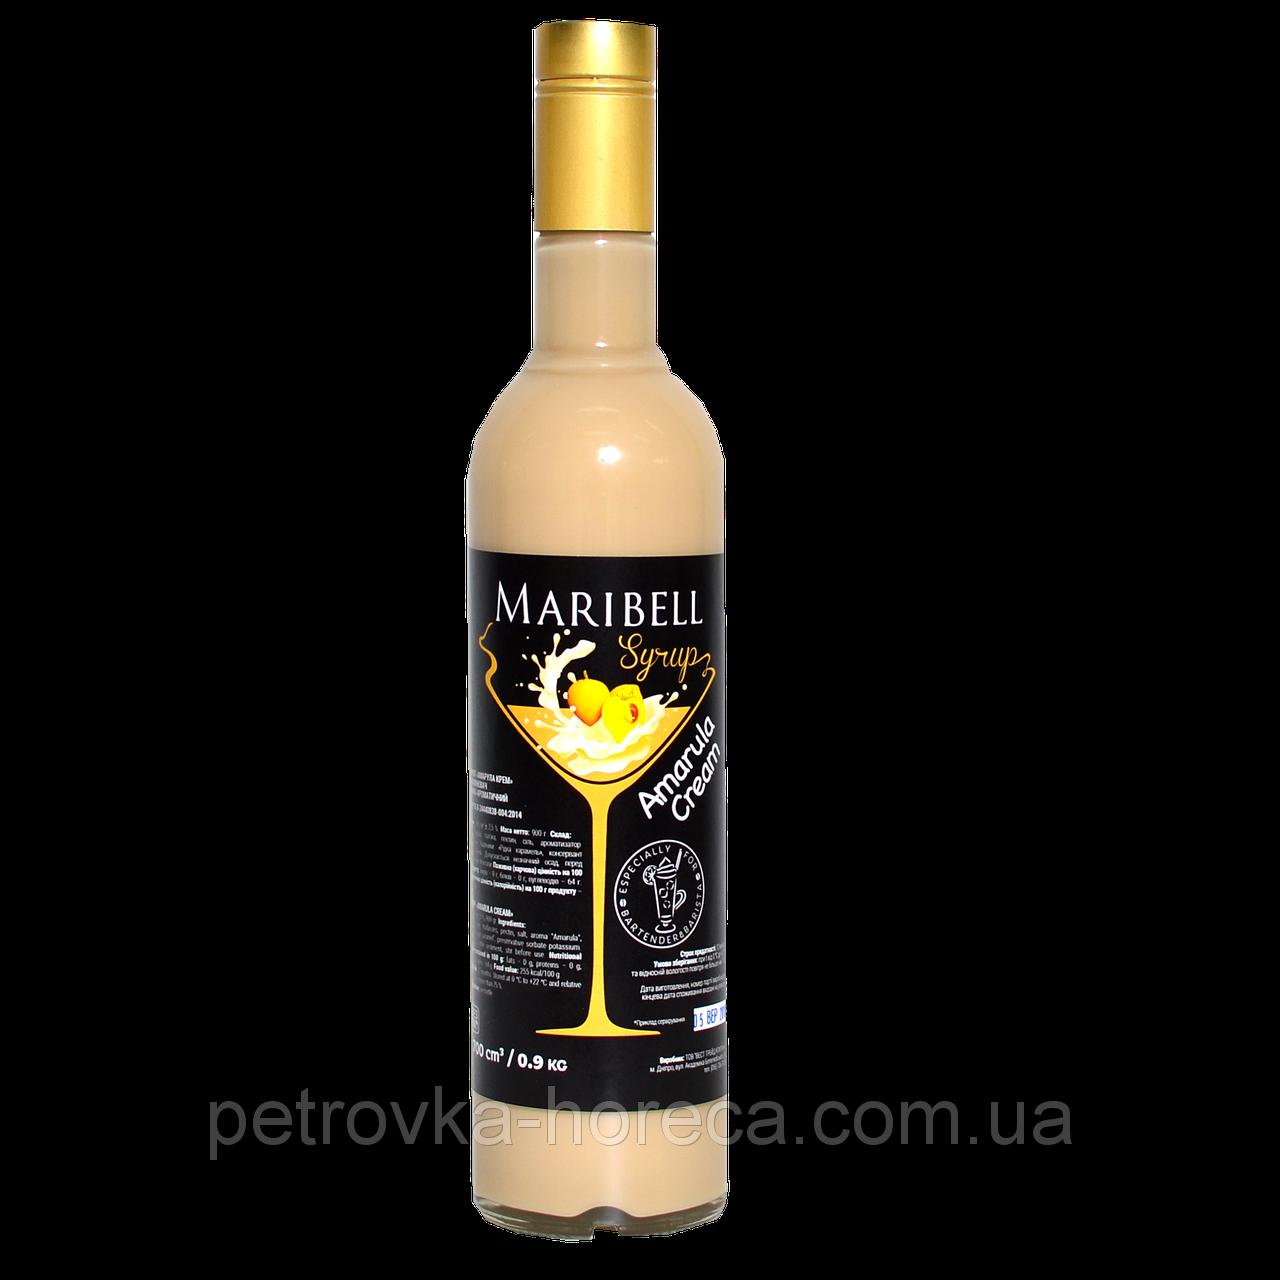 """Сироп коктейльный Maribell """"Амарула Крем"""" 700мл"""